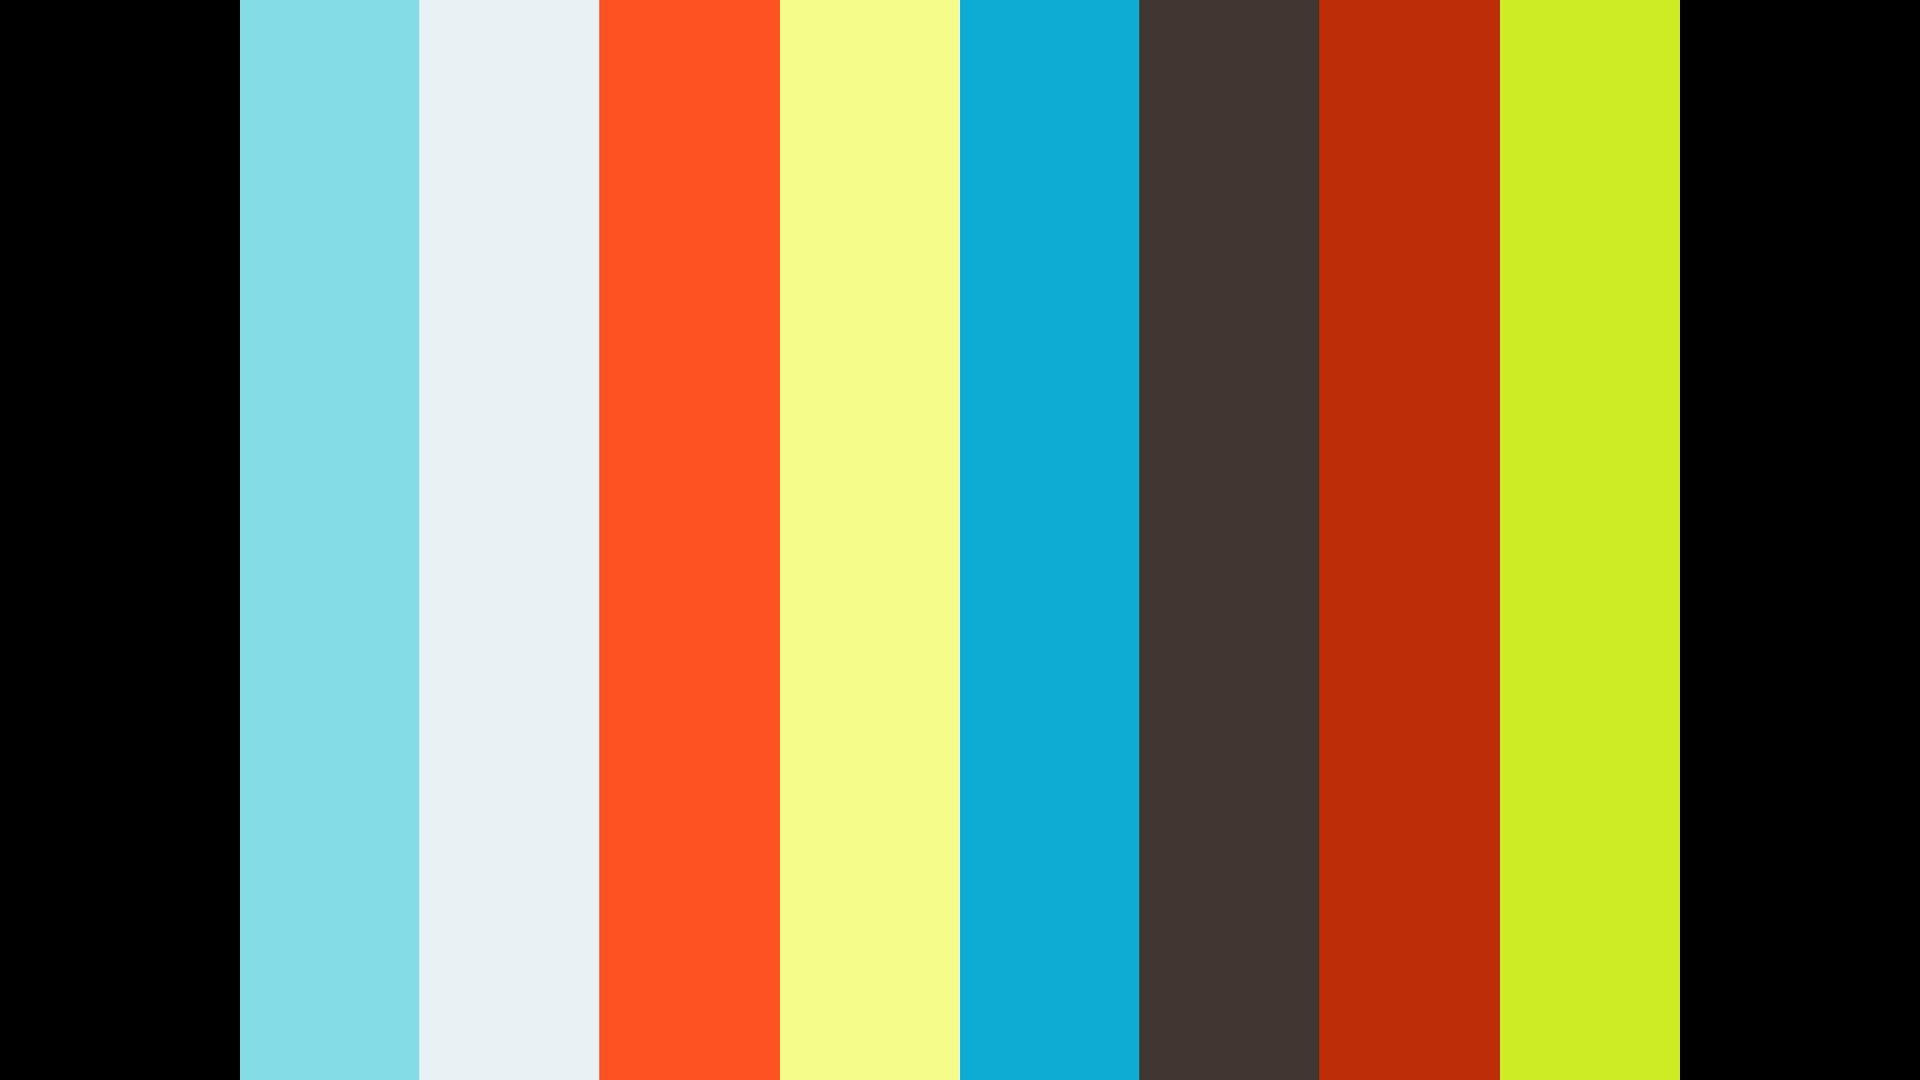 Витрина продукта: как выбрать правильную систему хроматографических данных для вашей лаборатории